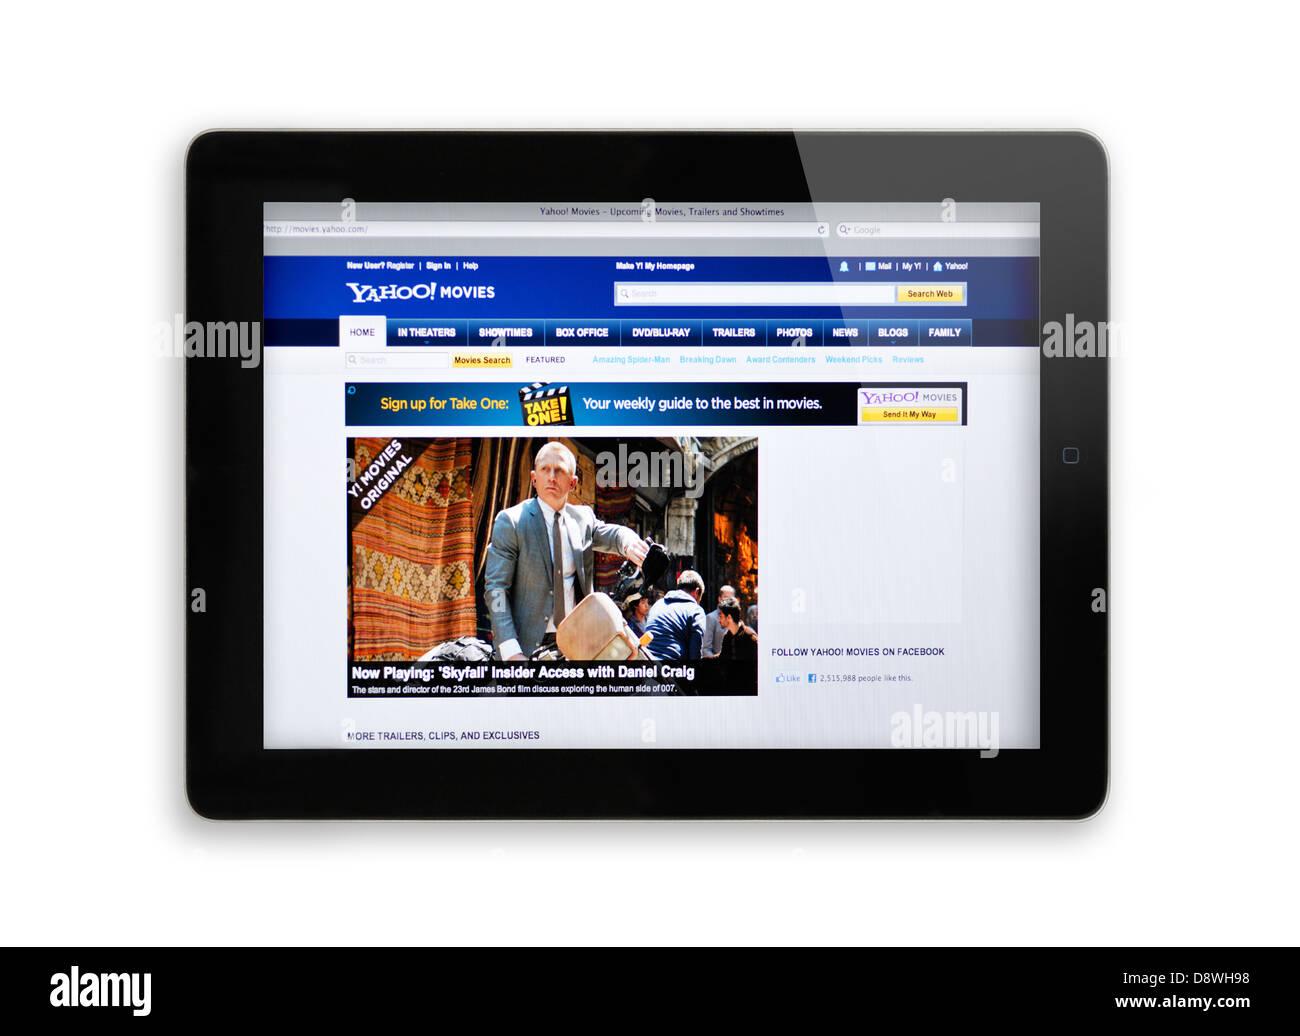 Yahoo movies website on iPad - Stock Image